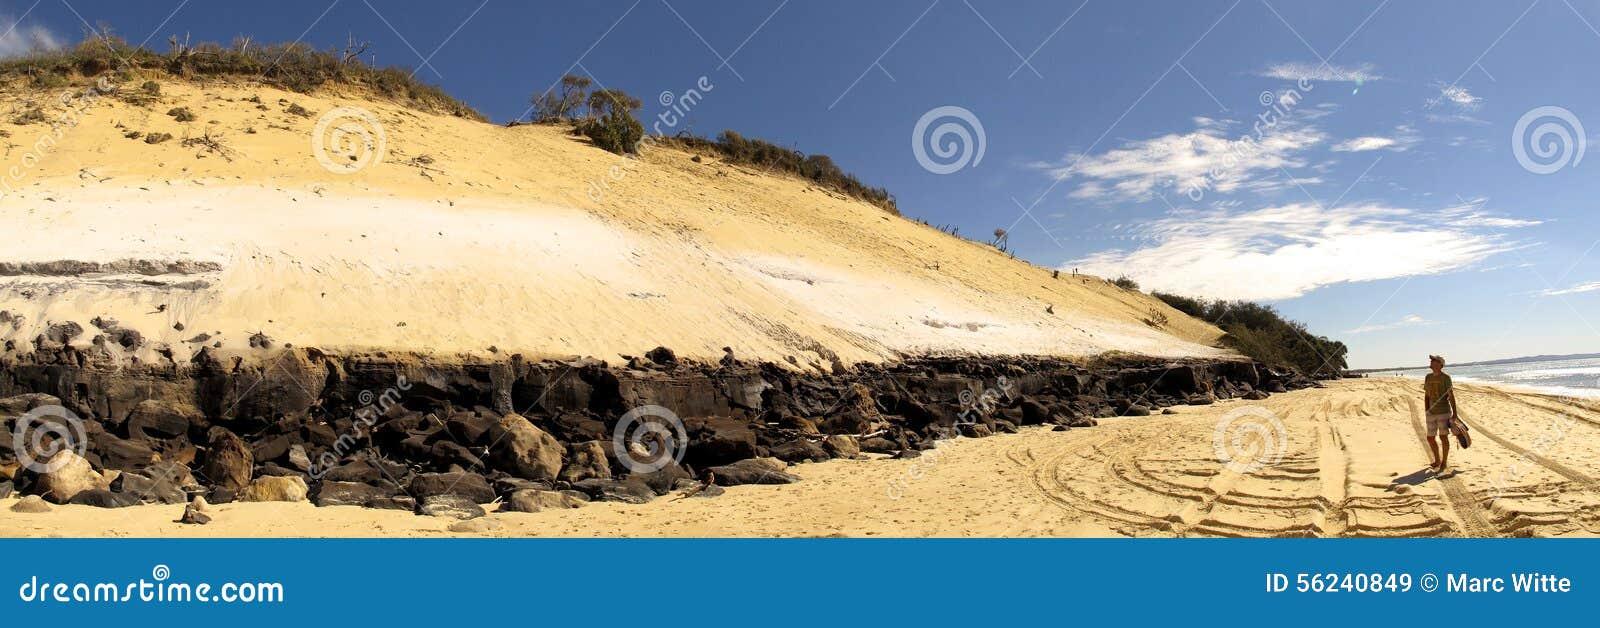 Praia do arco-íris, Queensland, Austrália